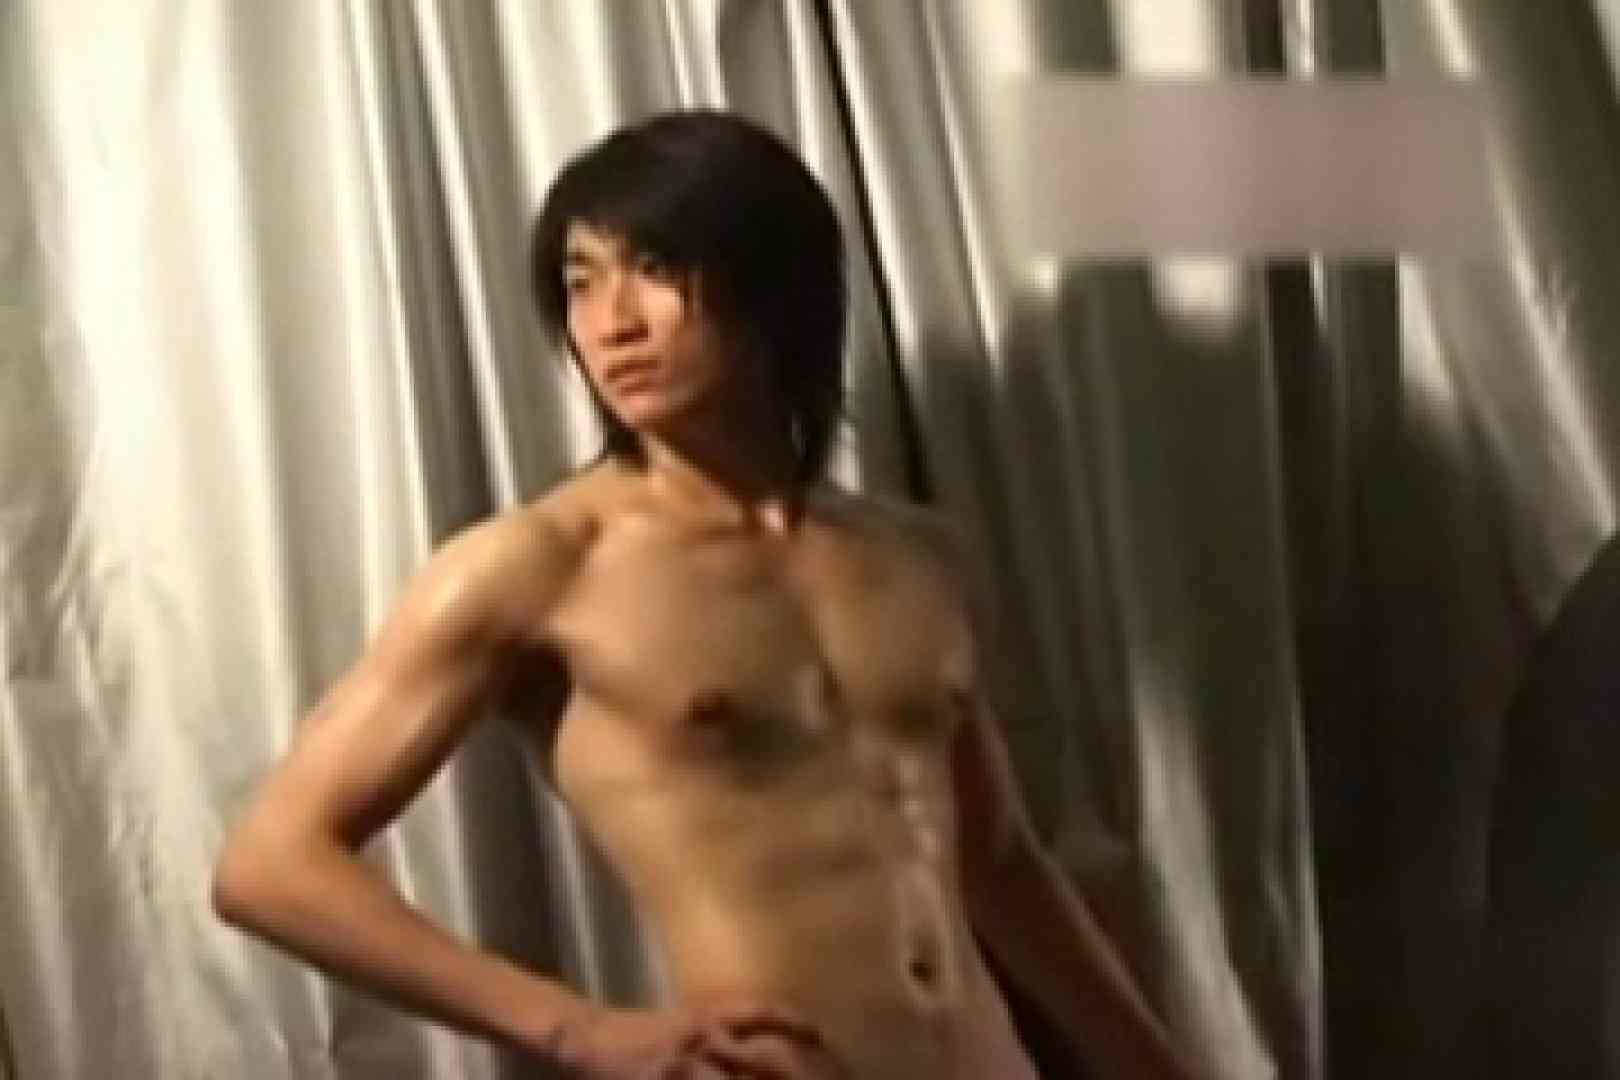 流出!!メンズスーパーモデル達のヌードinChina vol5 ヌード | ゲイイメージ ゲイ丸見え画像 78pic 21